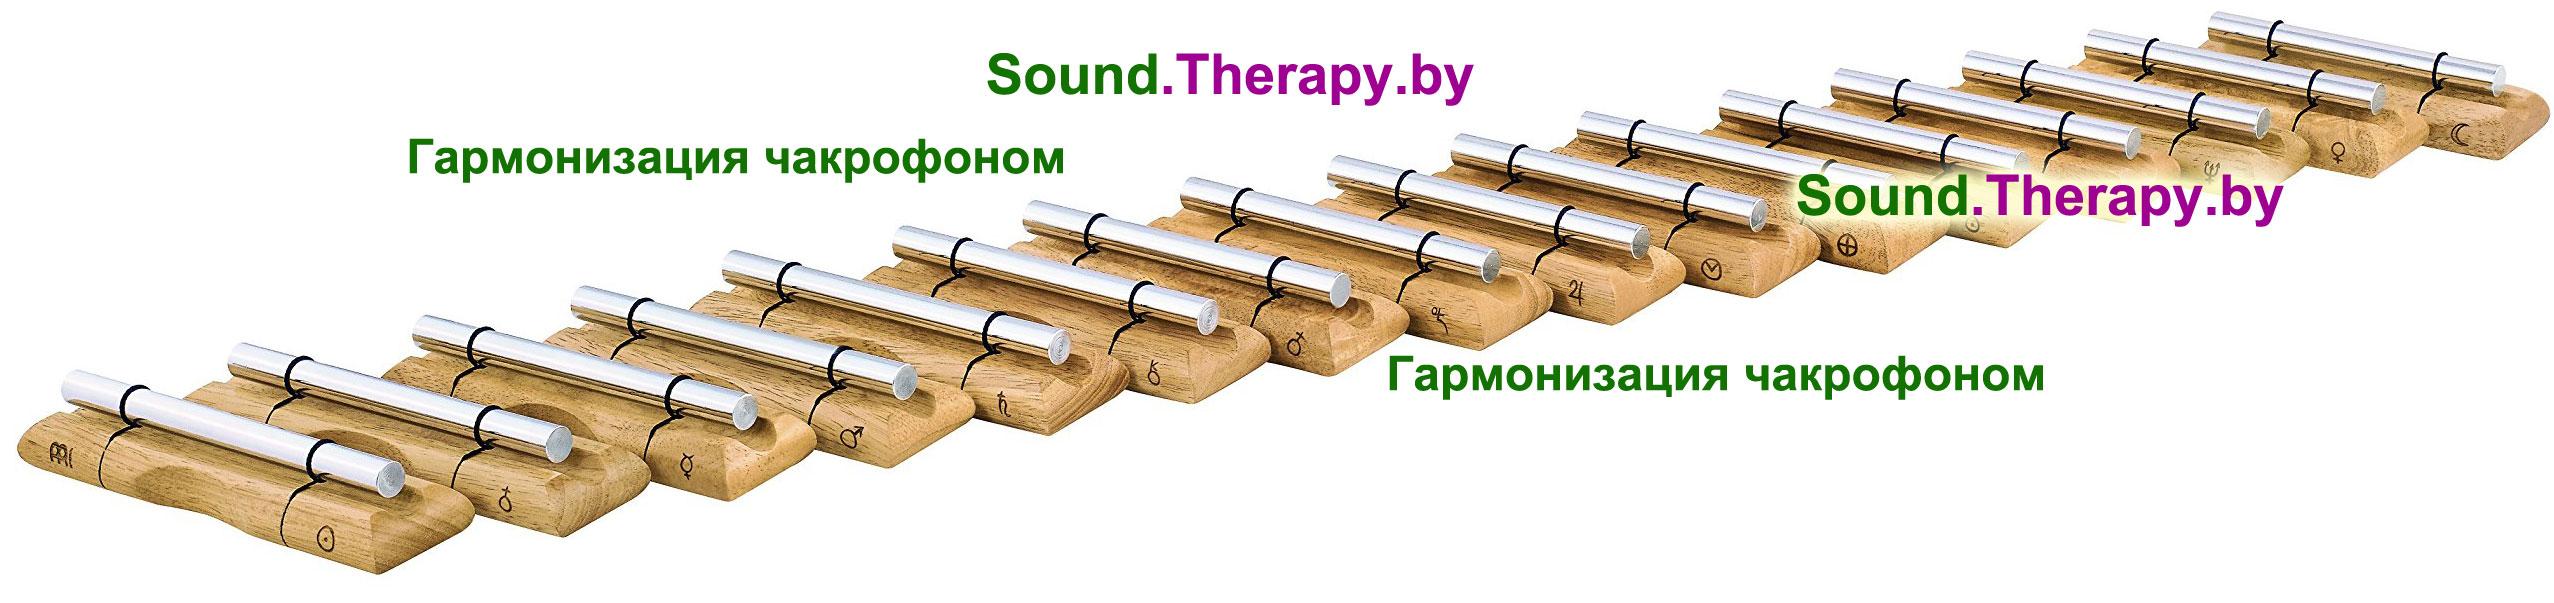 Набор тонов стандартного чакрофона для звукотерапии